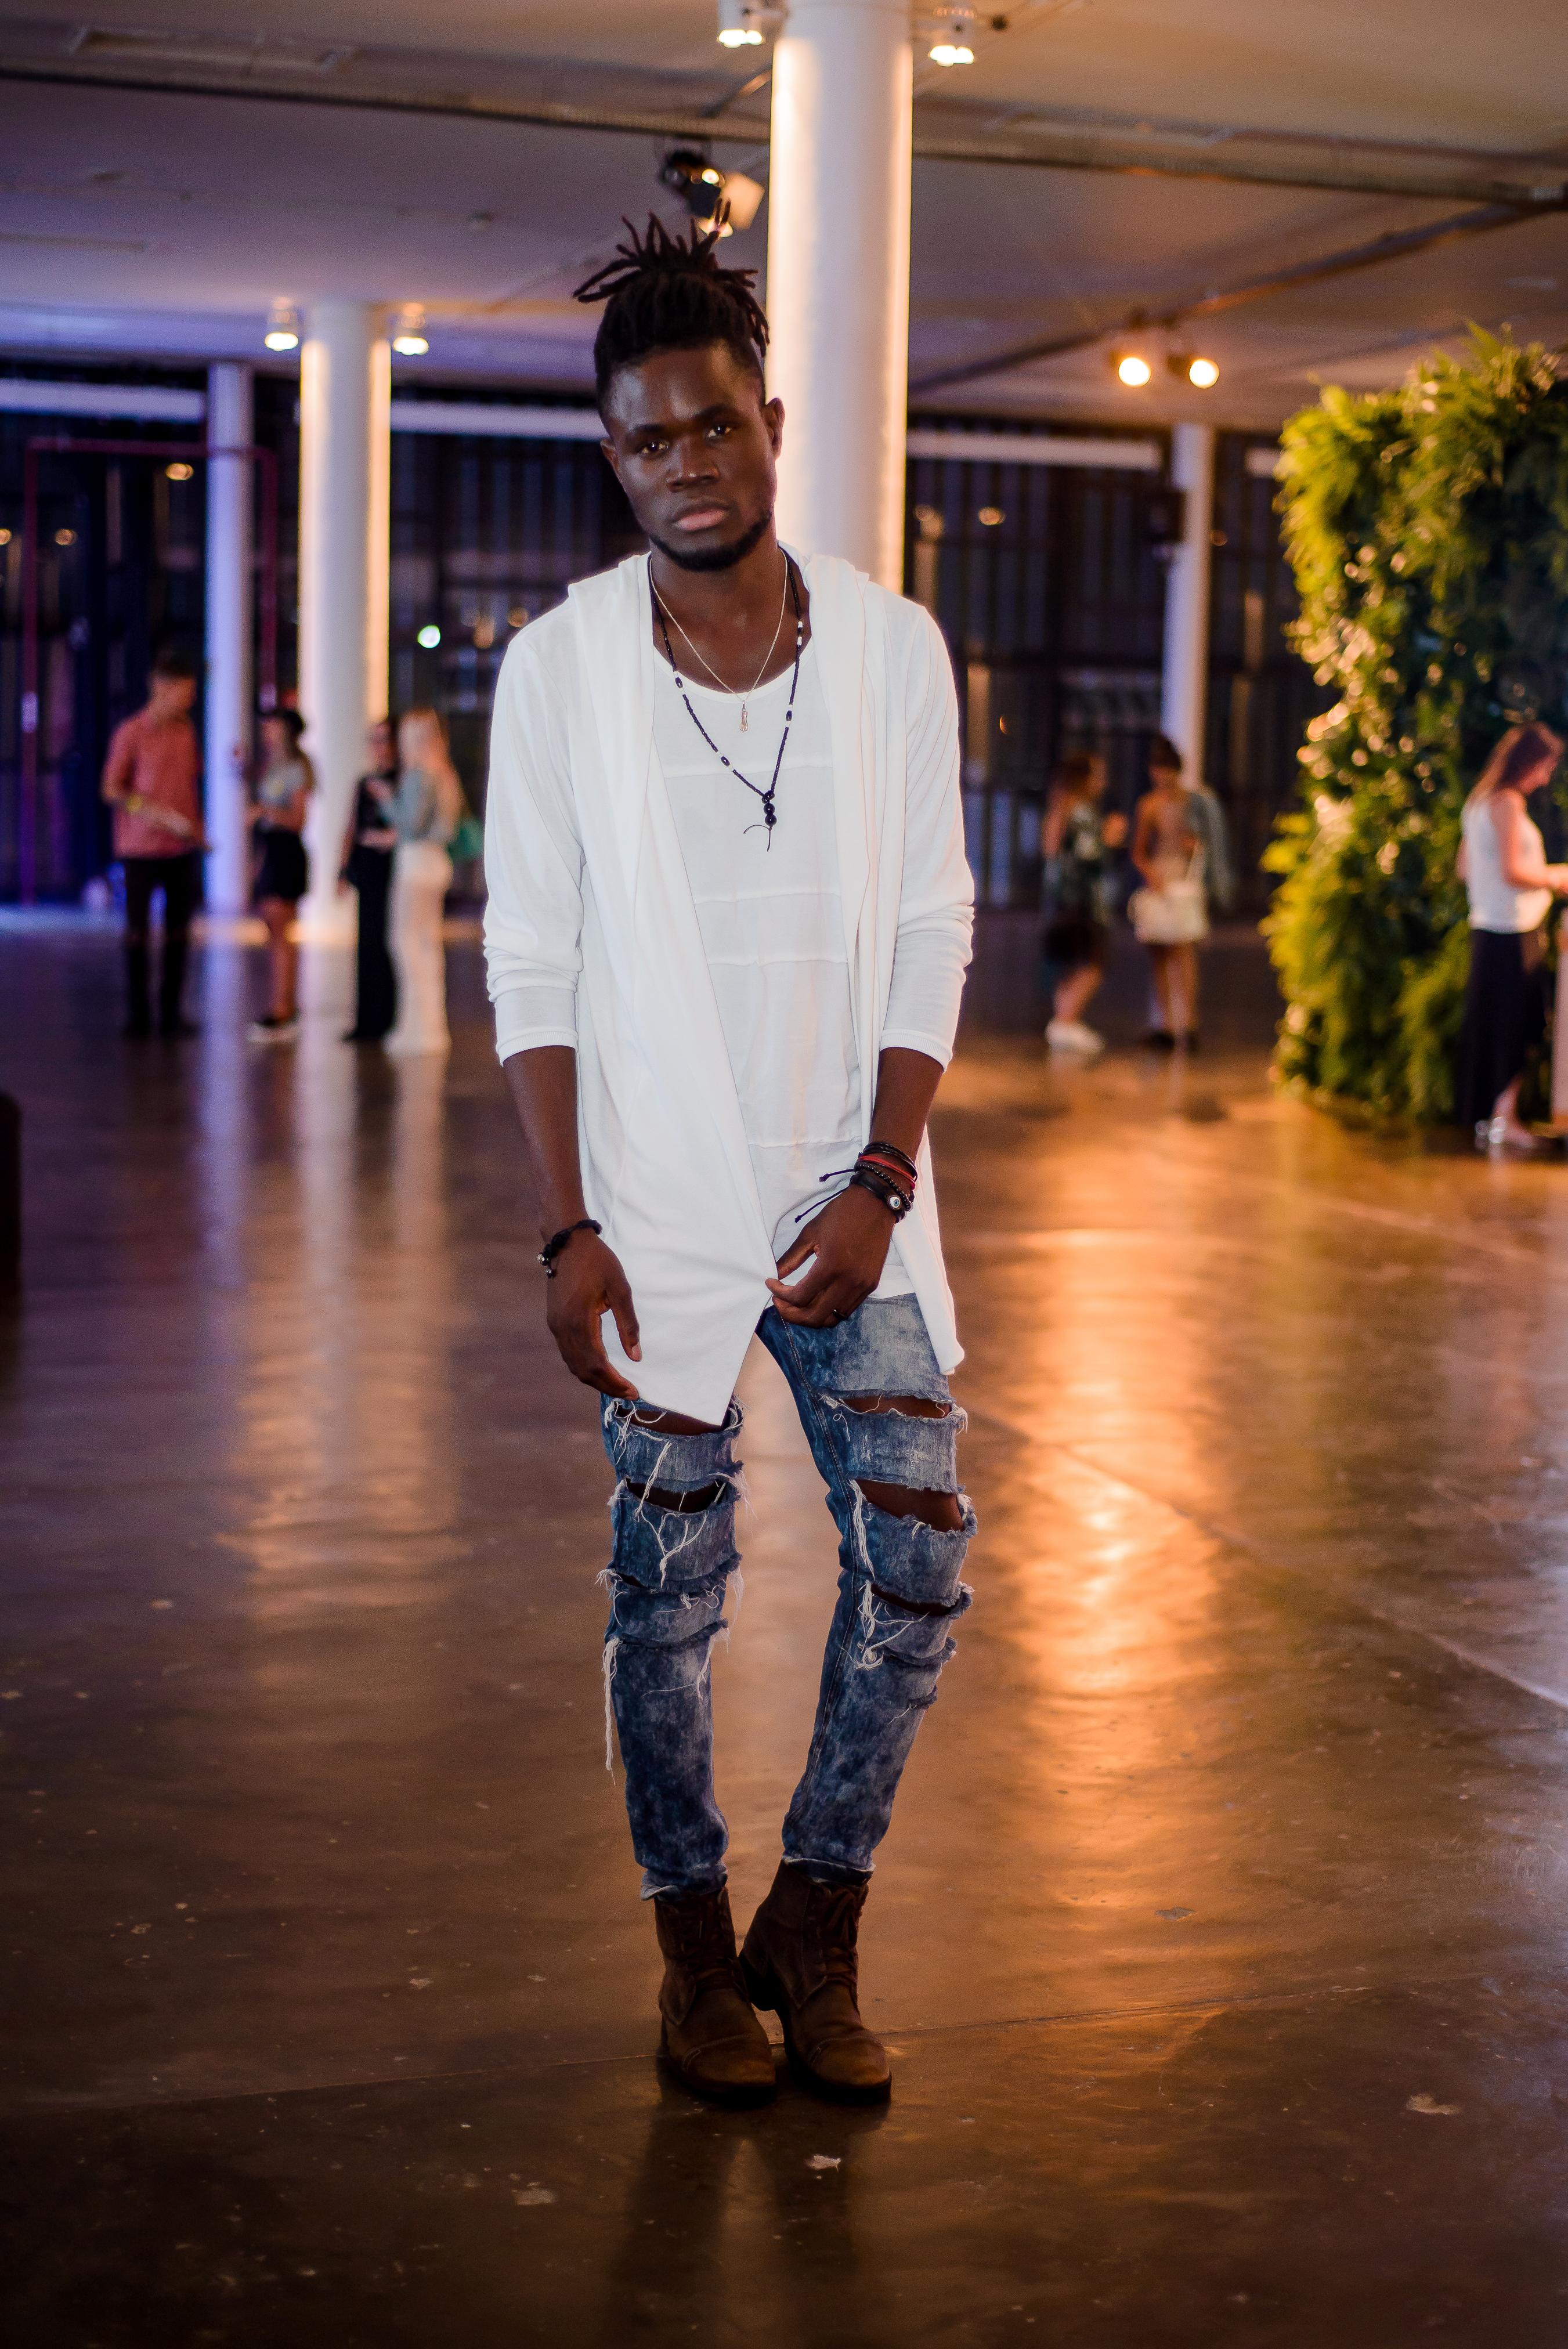 spfwn43-street-style-moda-masculina-estilo-masculino-style-fashion-moda-2017-moda-sem-censura-beleza-blog-de-moda-men-man-boy-estilo (13)